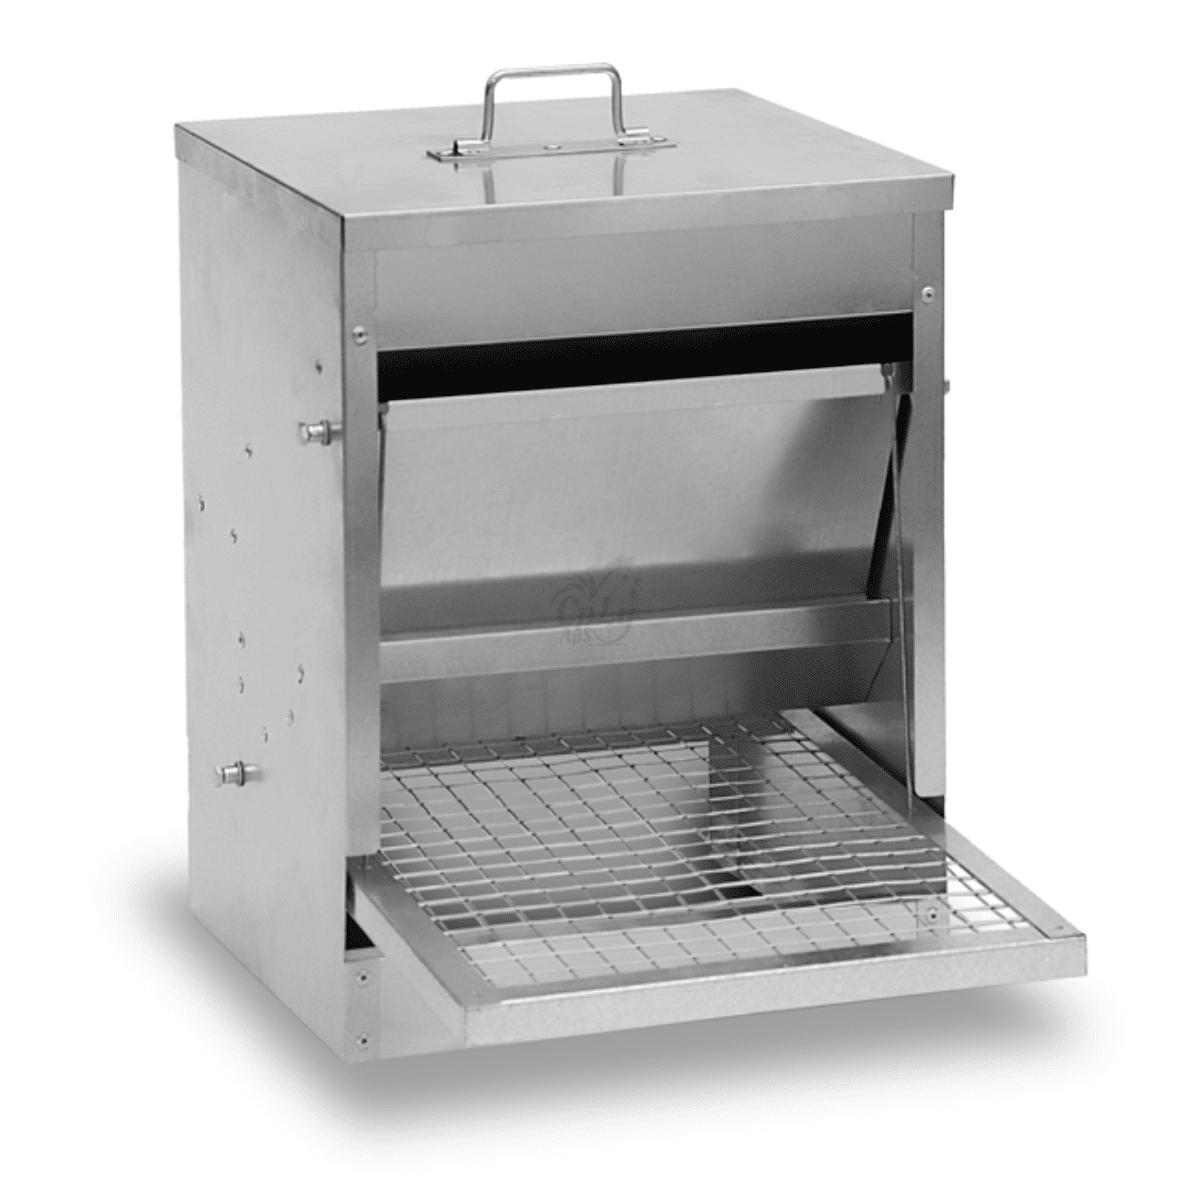 foderautomat høns rottesikret